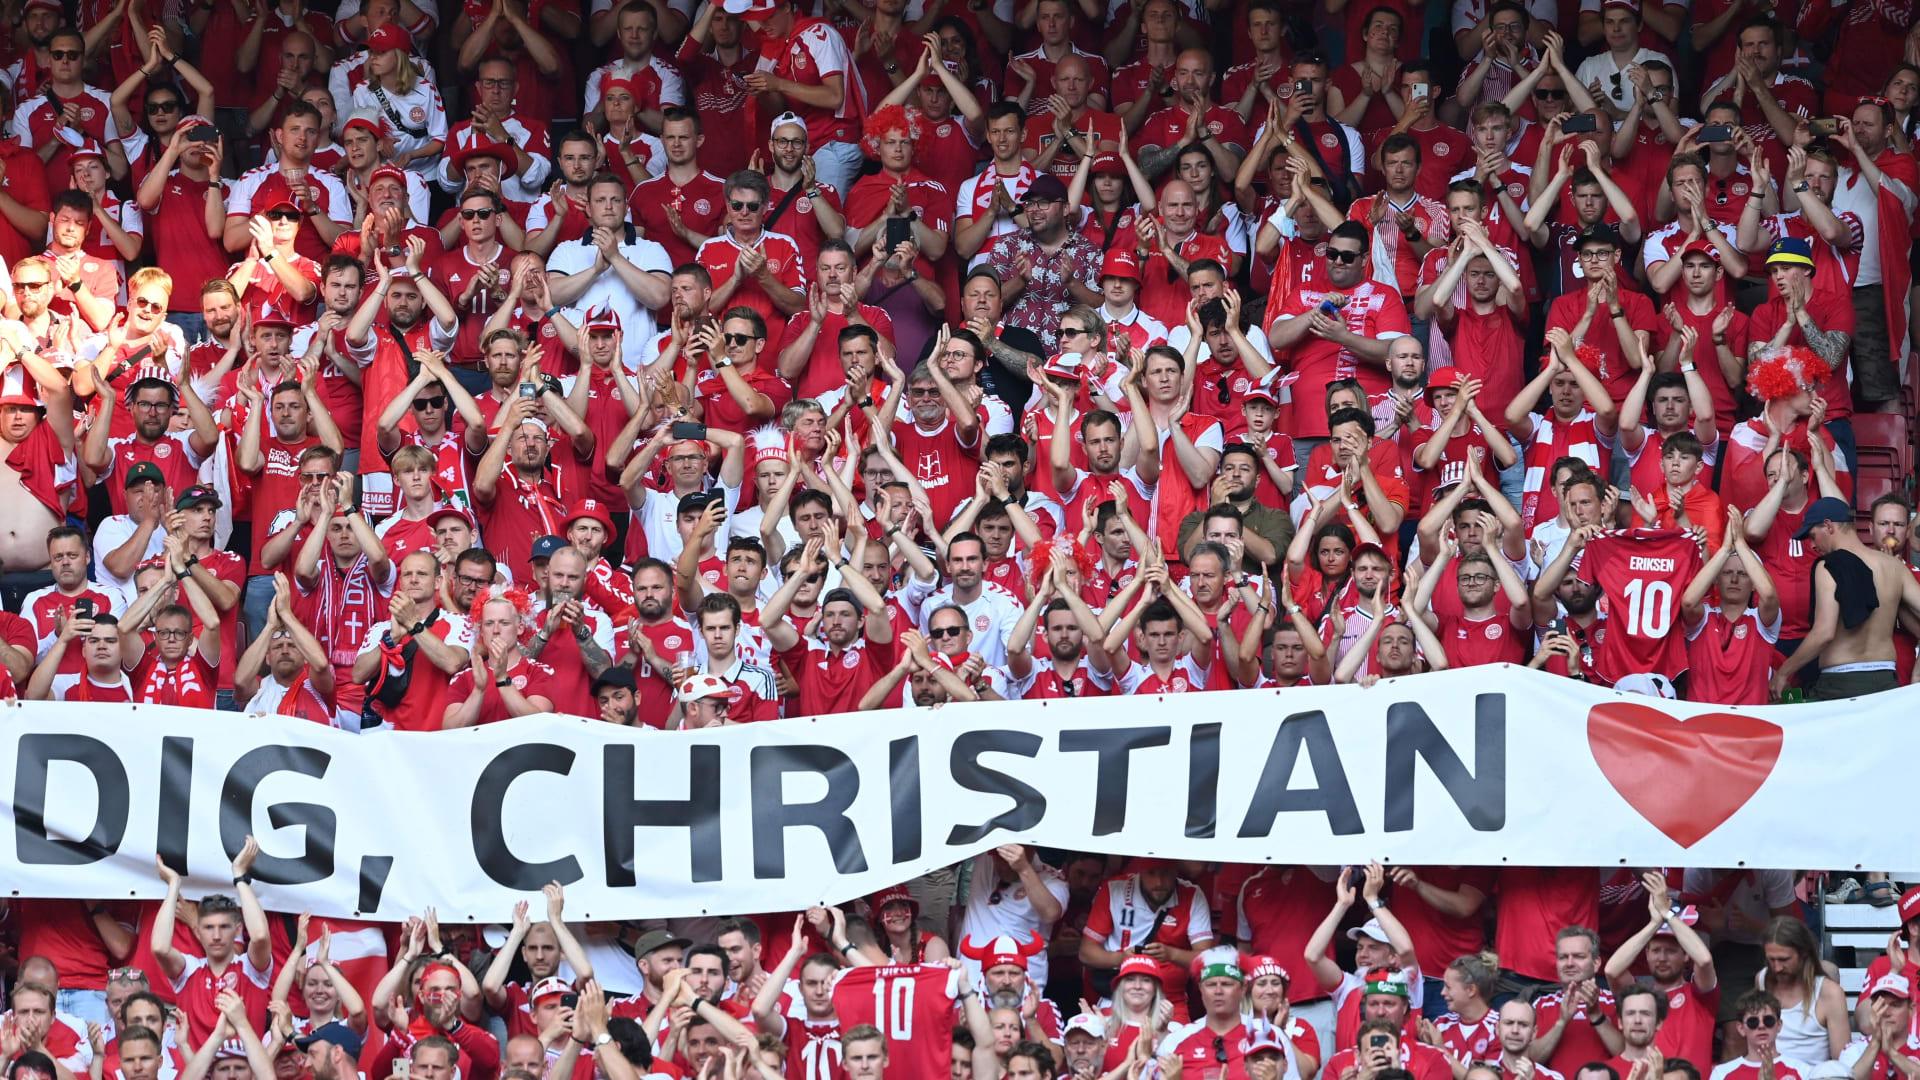 الجماهير في تكريم كريستيان إريكسن خلال مباراة الدنمارك وبلجيكا